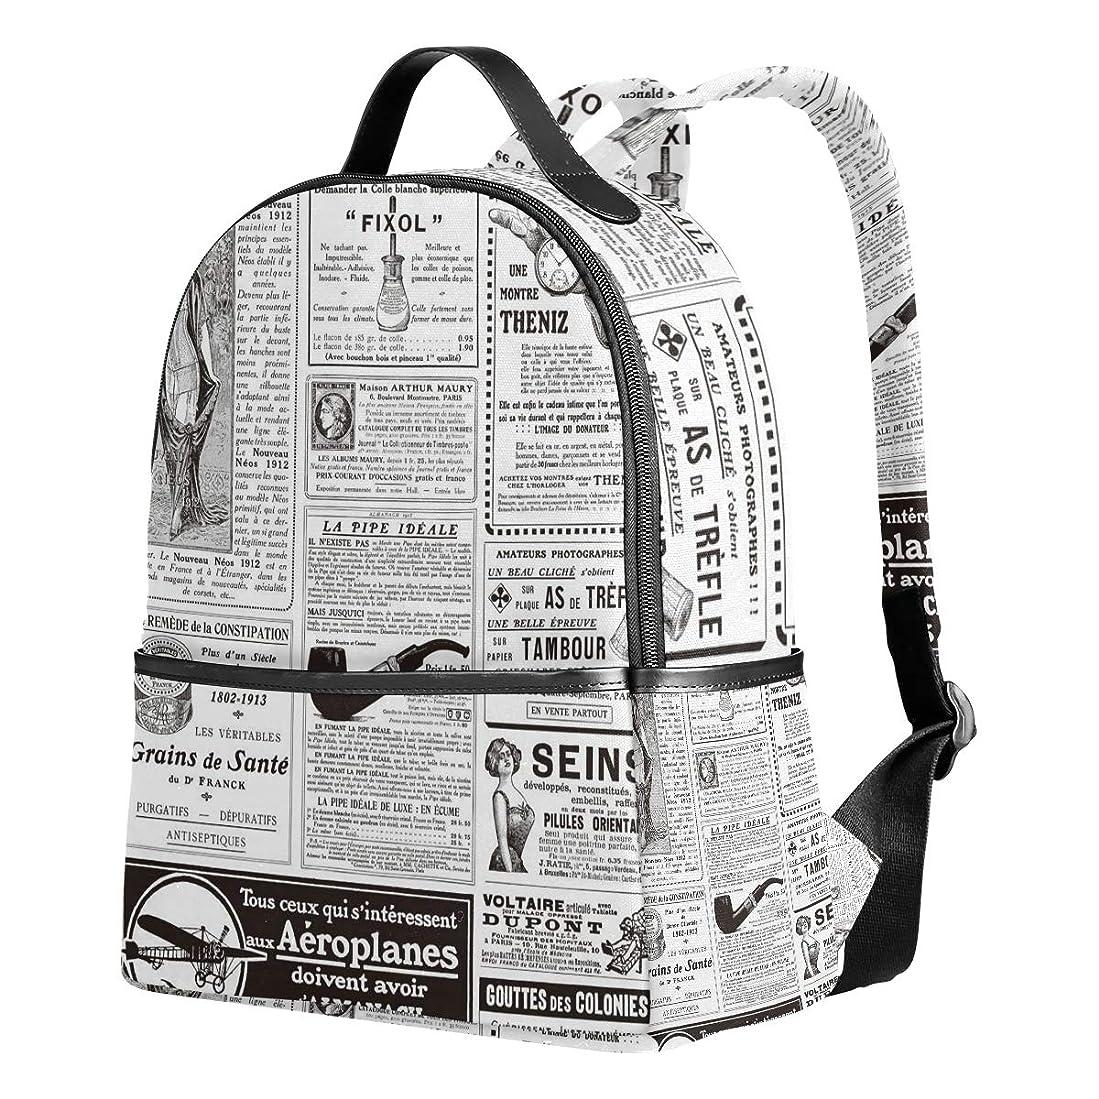 反映する間接的スロープリュック おしゃれ レディース 大容量 軽量 新聞 英語 国際的 黒白色 リュックサック 通学 多機能 プレゼント対応